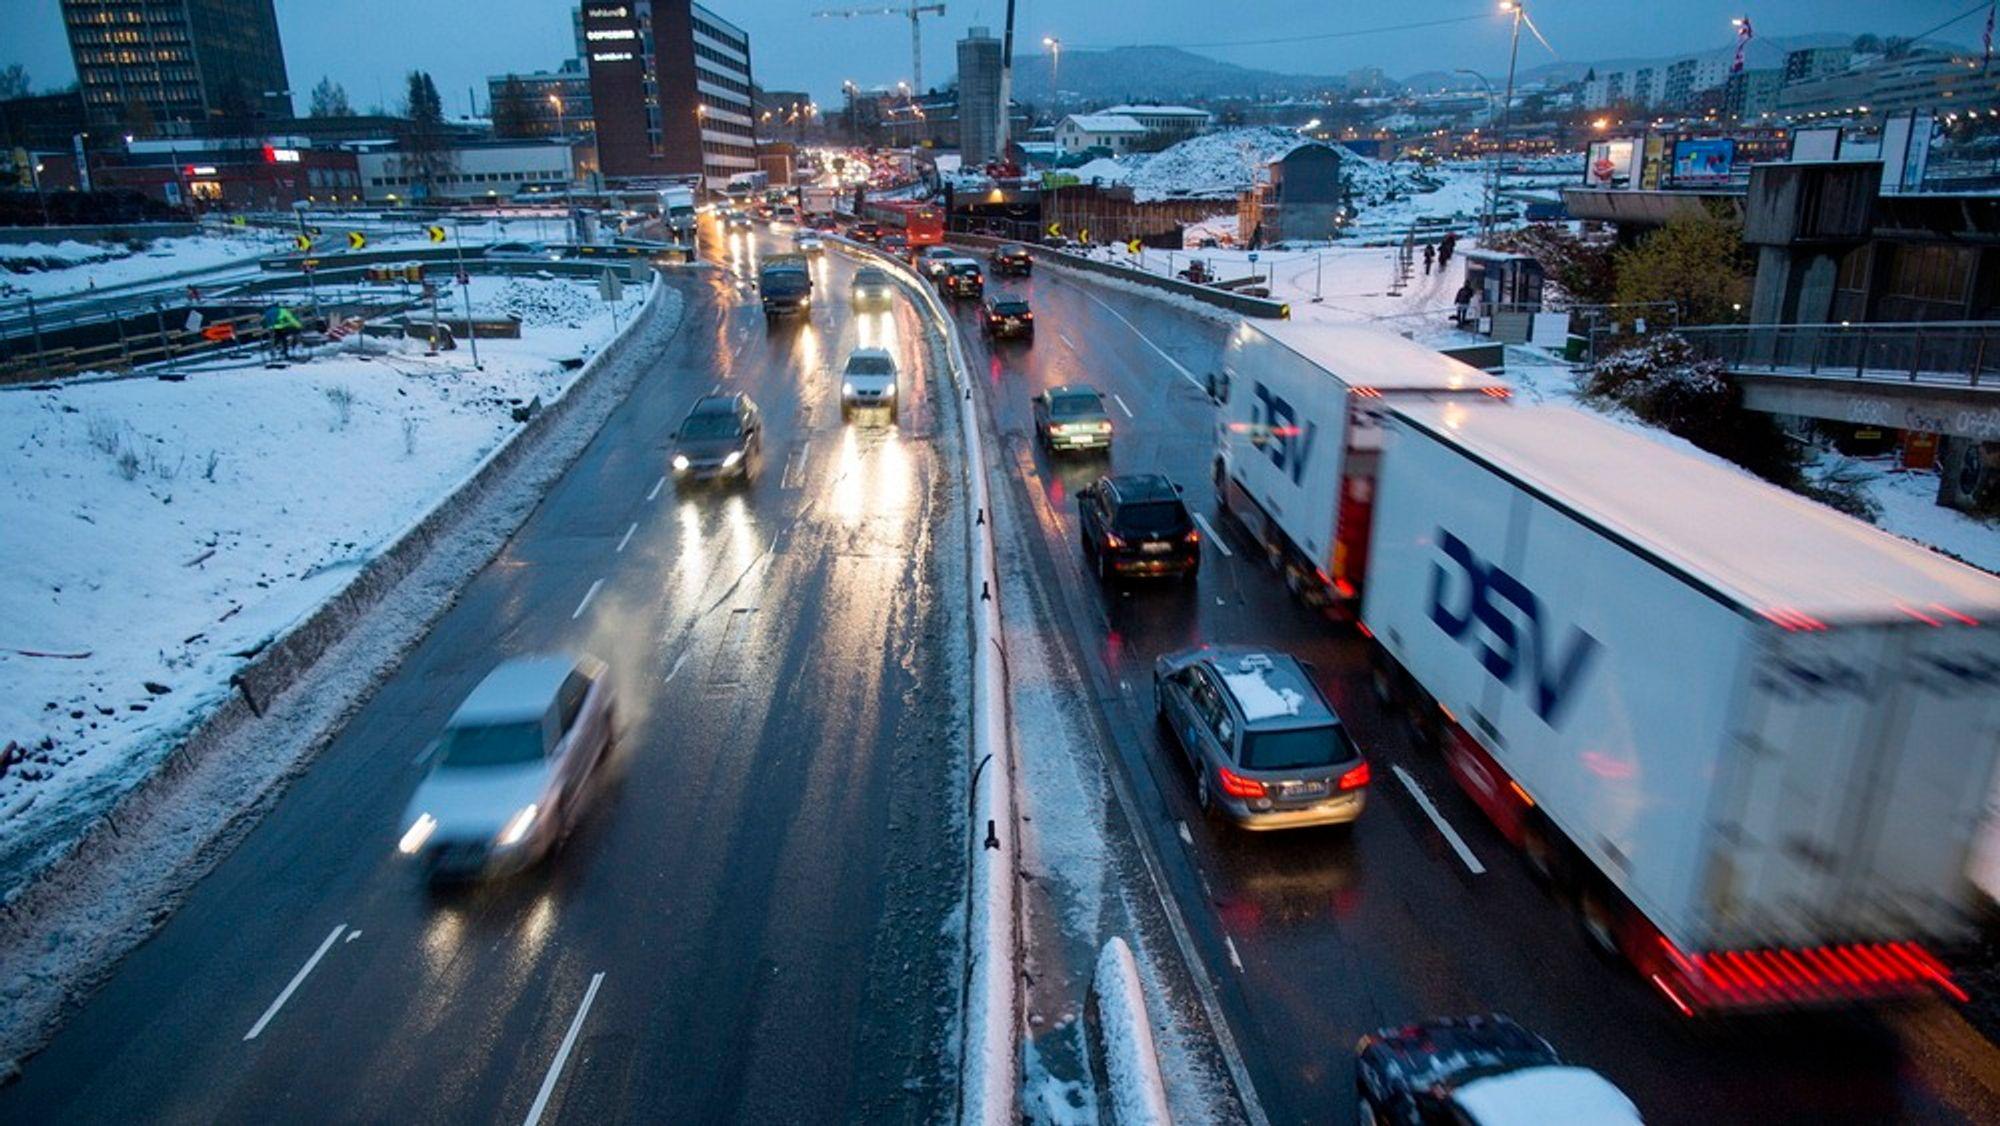 Reisetid-systemet registrerer tettheten i trafikken ved hjelp av Autopass-brikken i bilen din. Dermed kan du sjekke trafikken før du kjører.